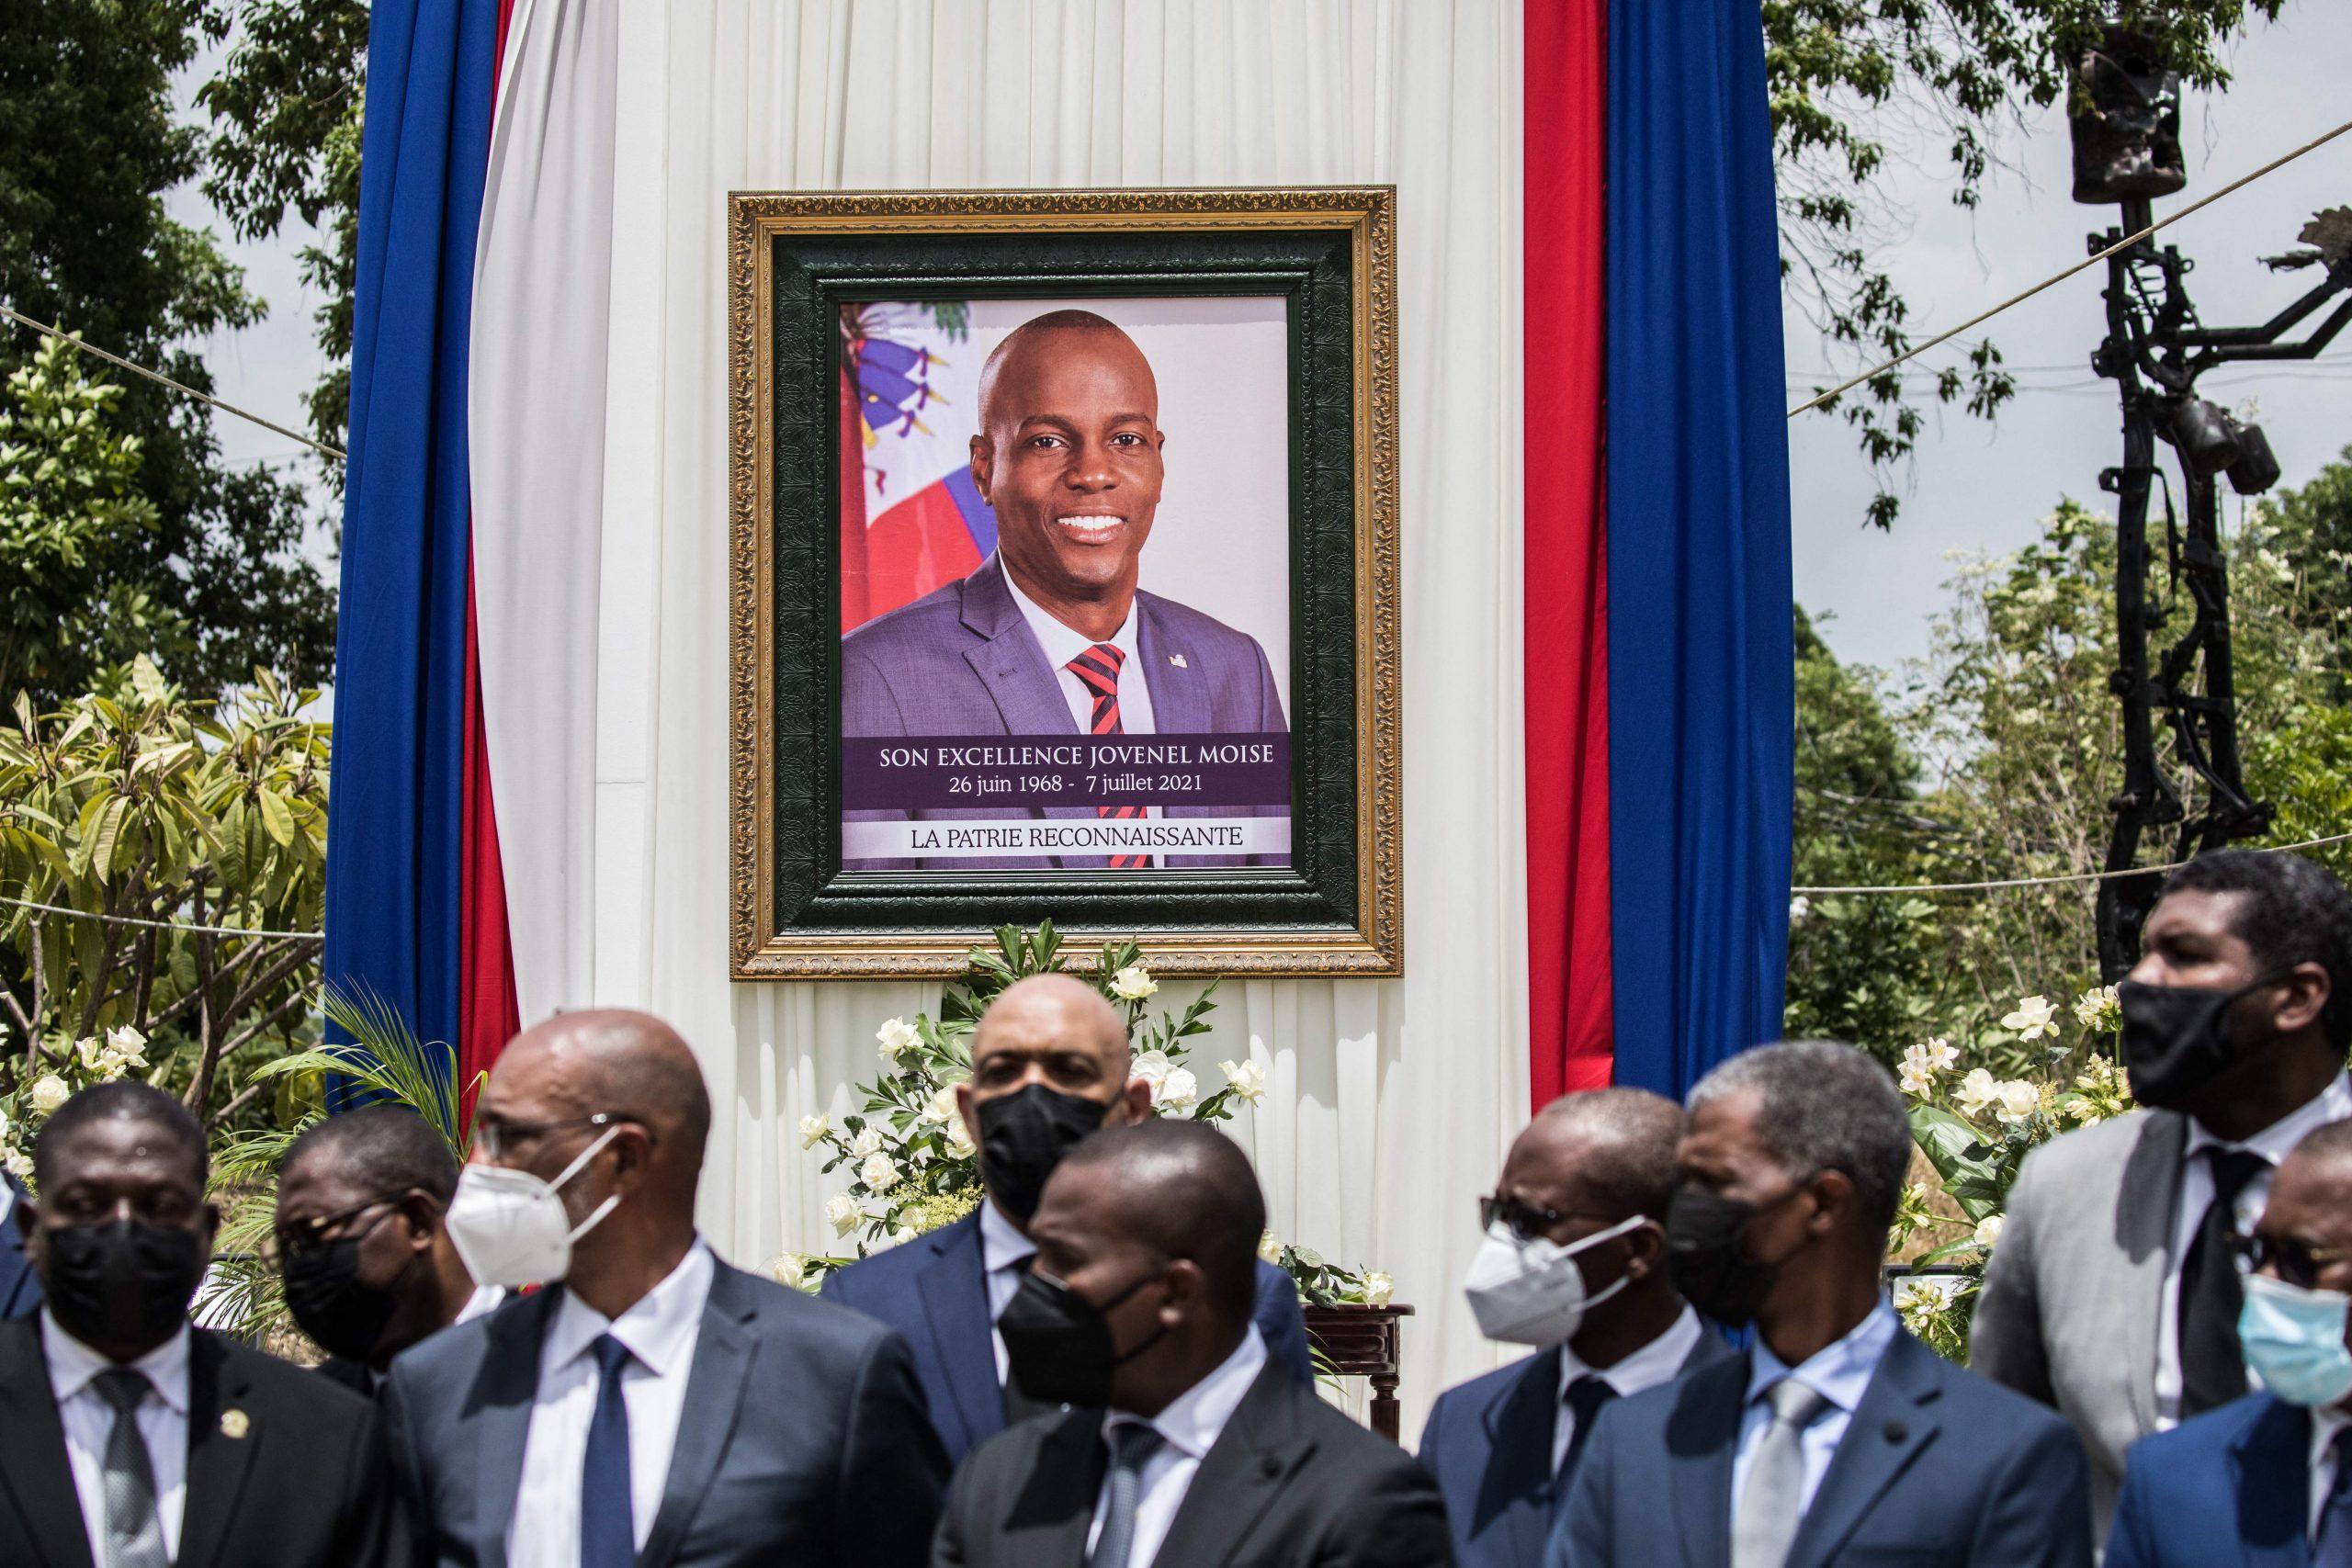 Estados Unidos nombra enviado especial para promover la paz en Haití tras el asesinato del presidente de la nación